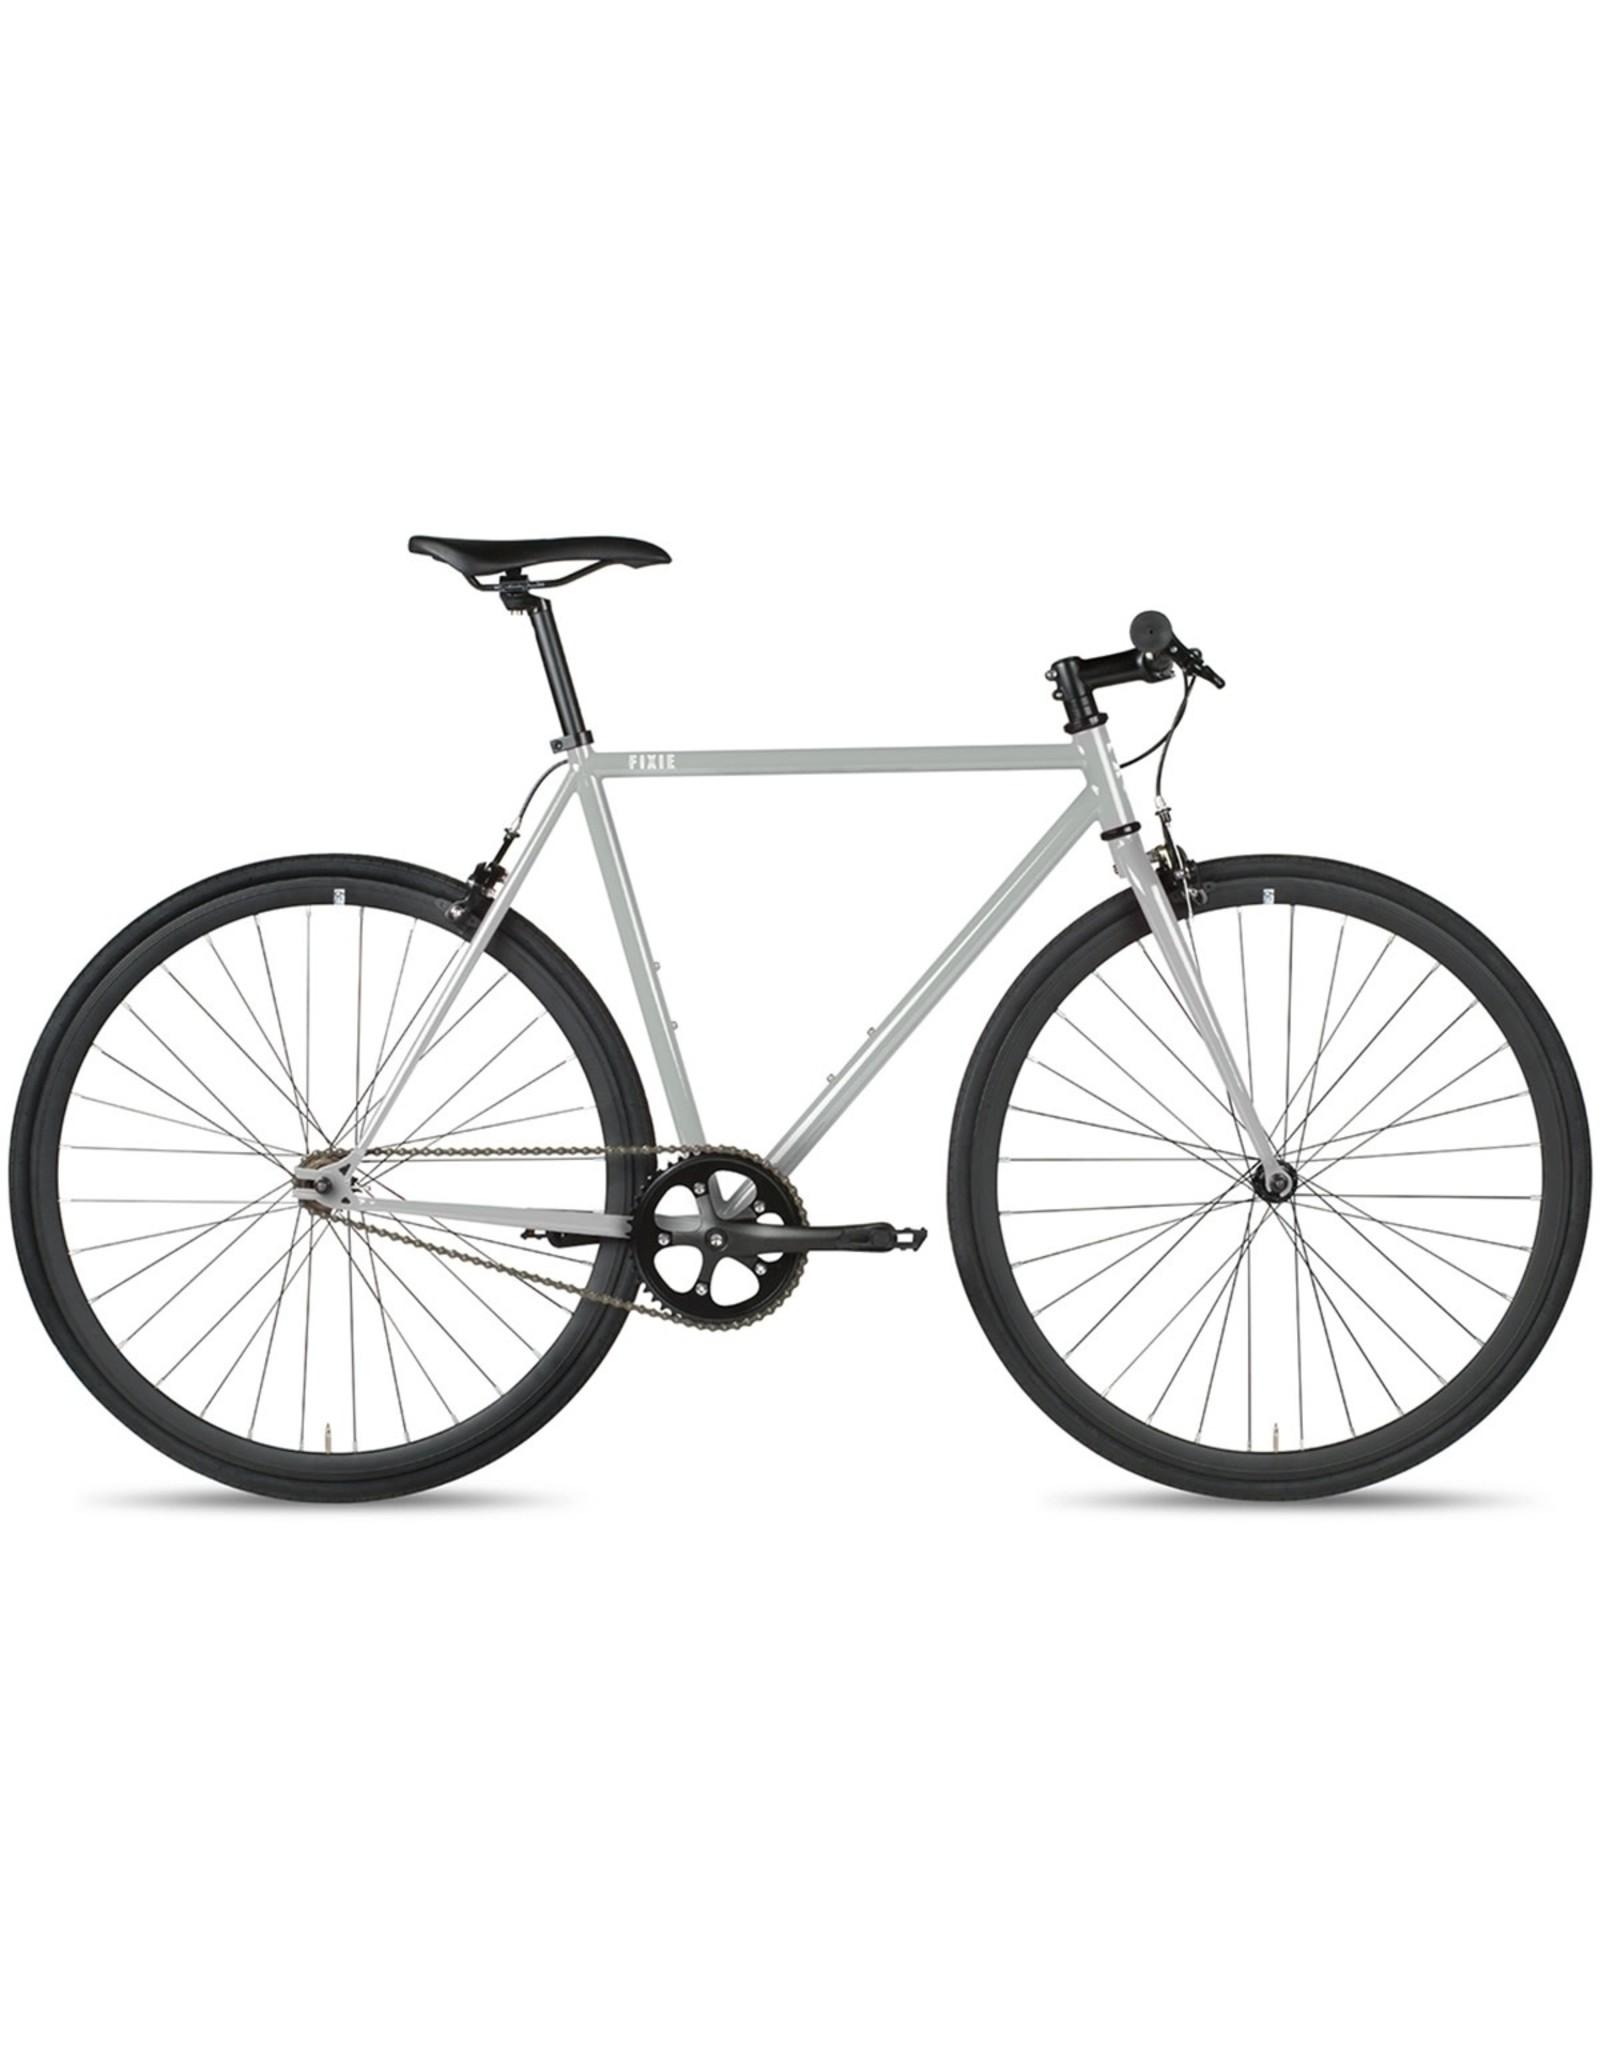 6KU bike - Concrete (30mm rims) - size 55 (L) - grey/black